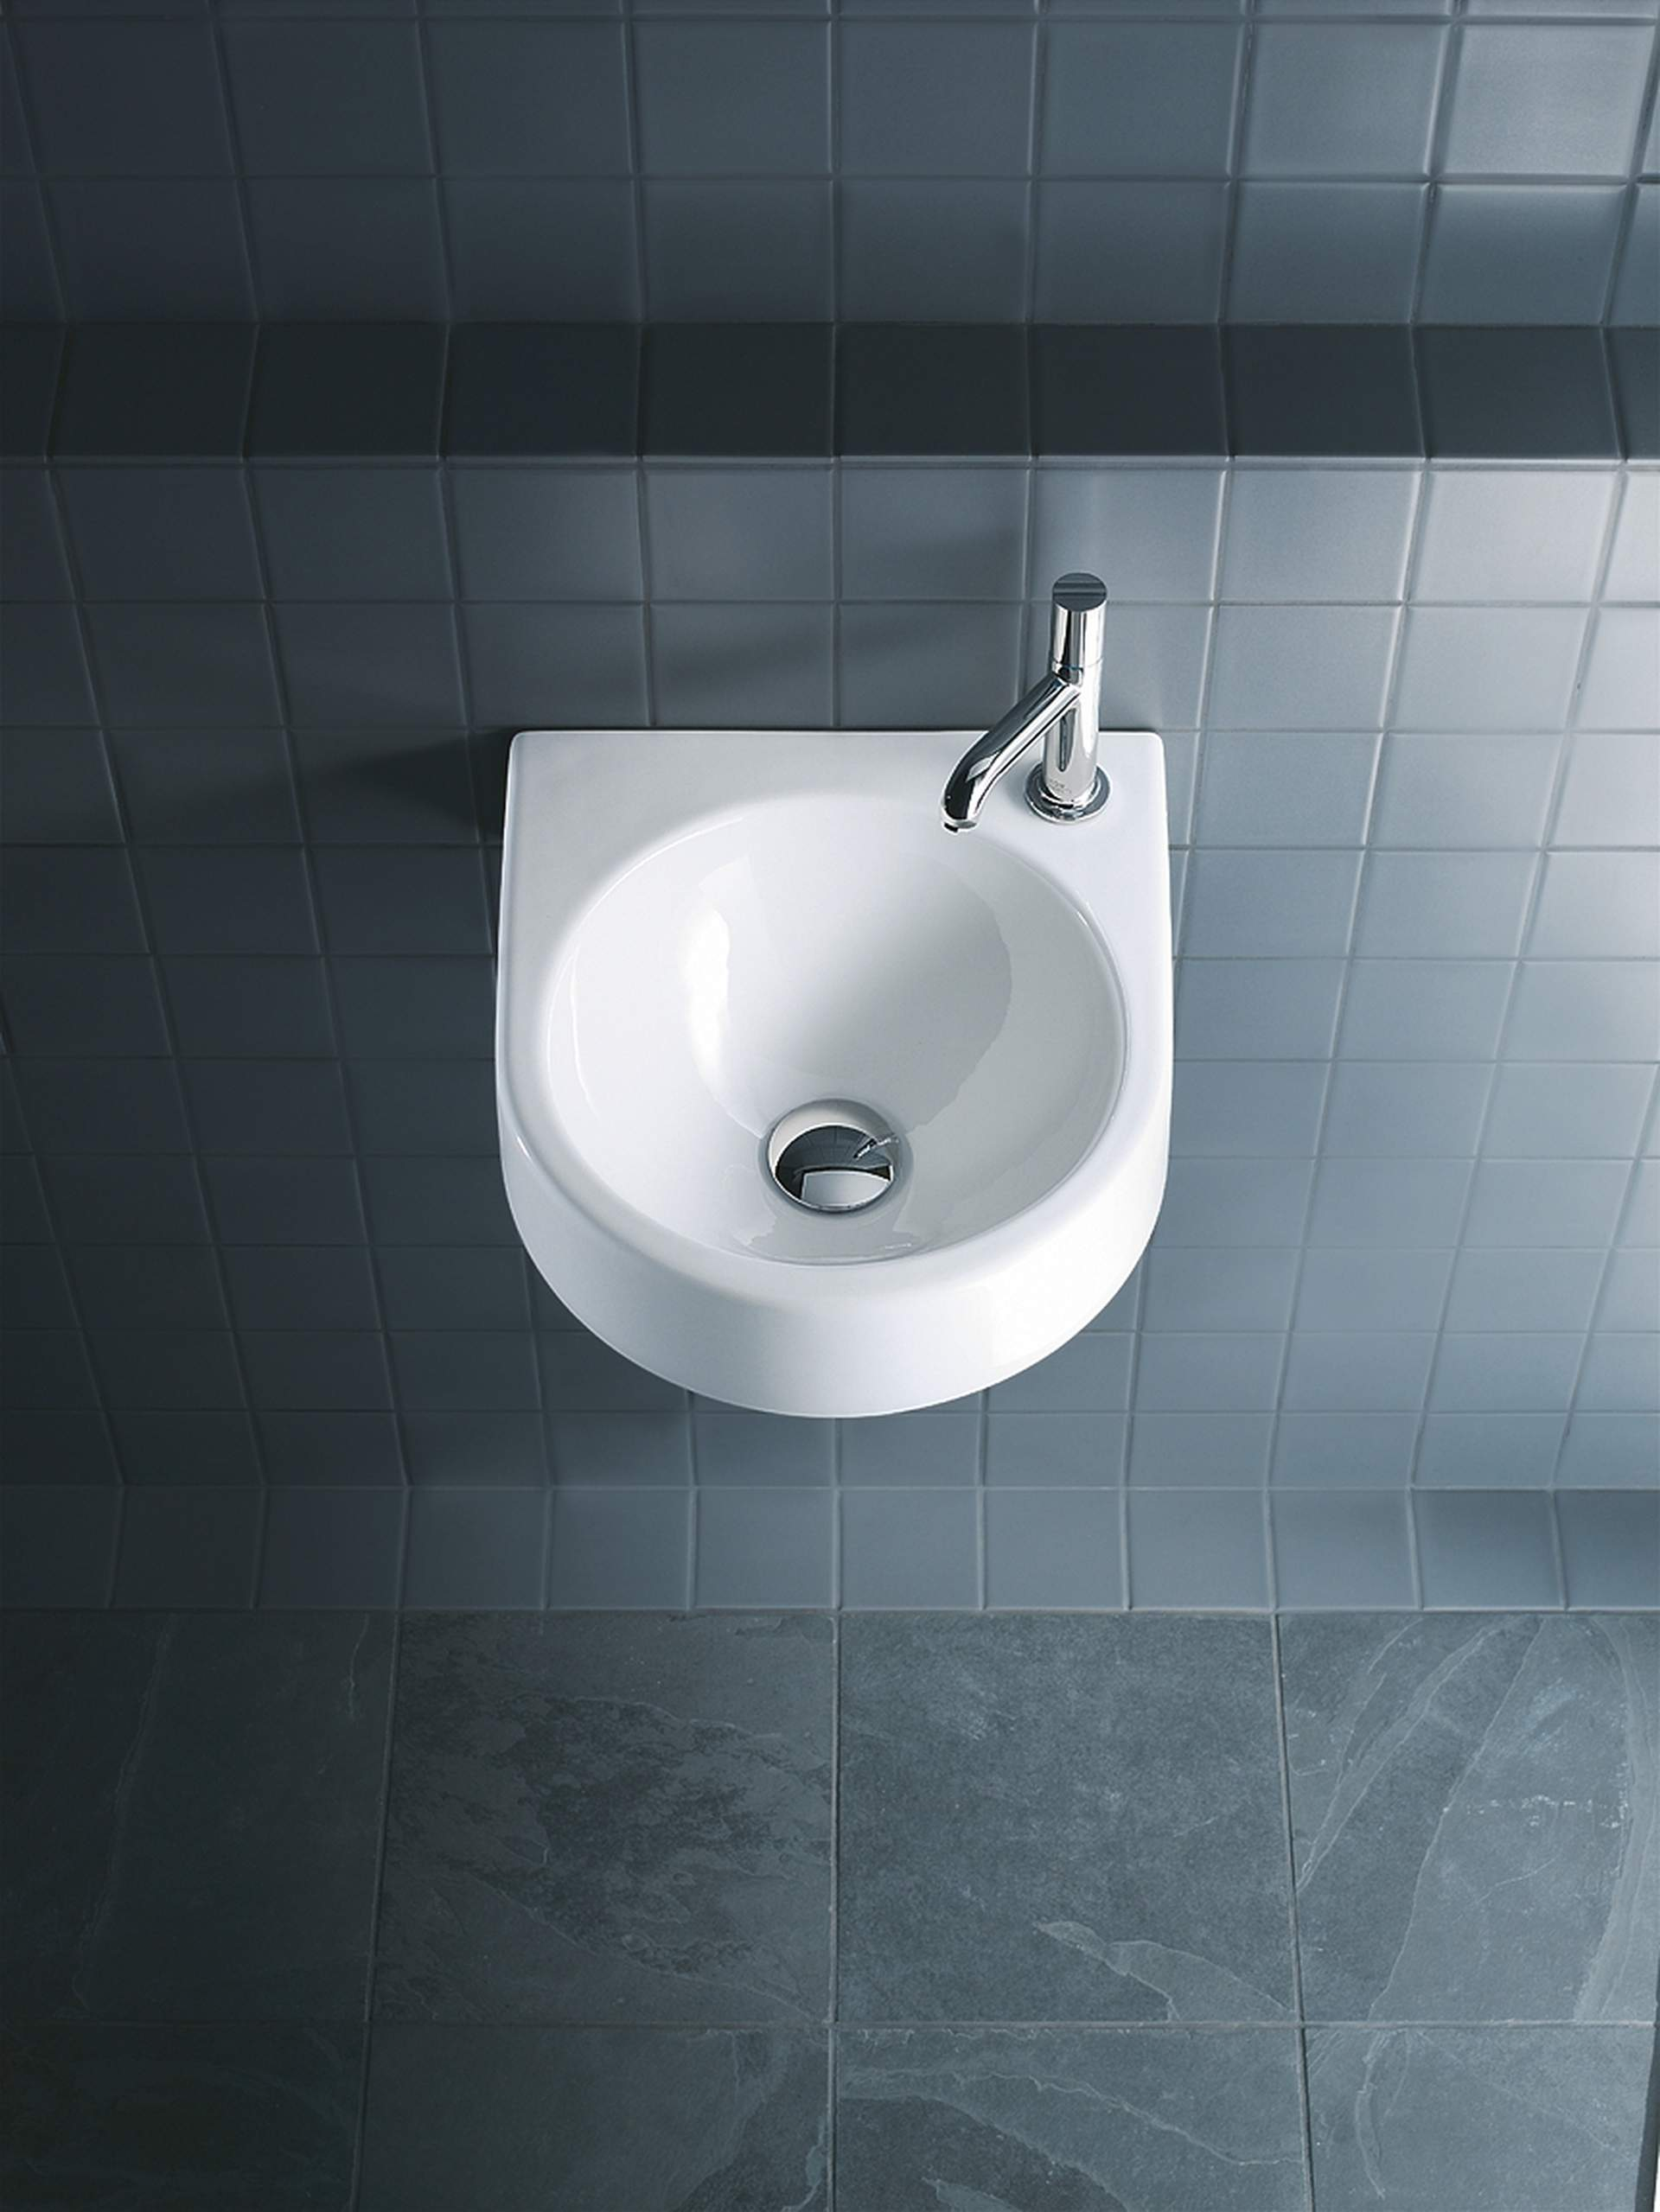 Duravit architec tubs washbasins bidets more duravit for Duravit architec washbasin